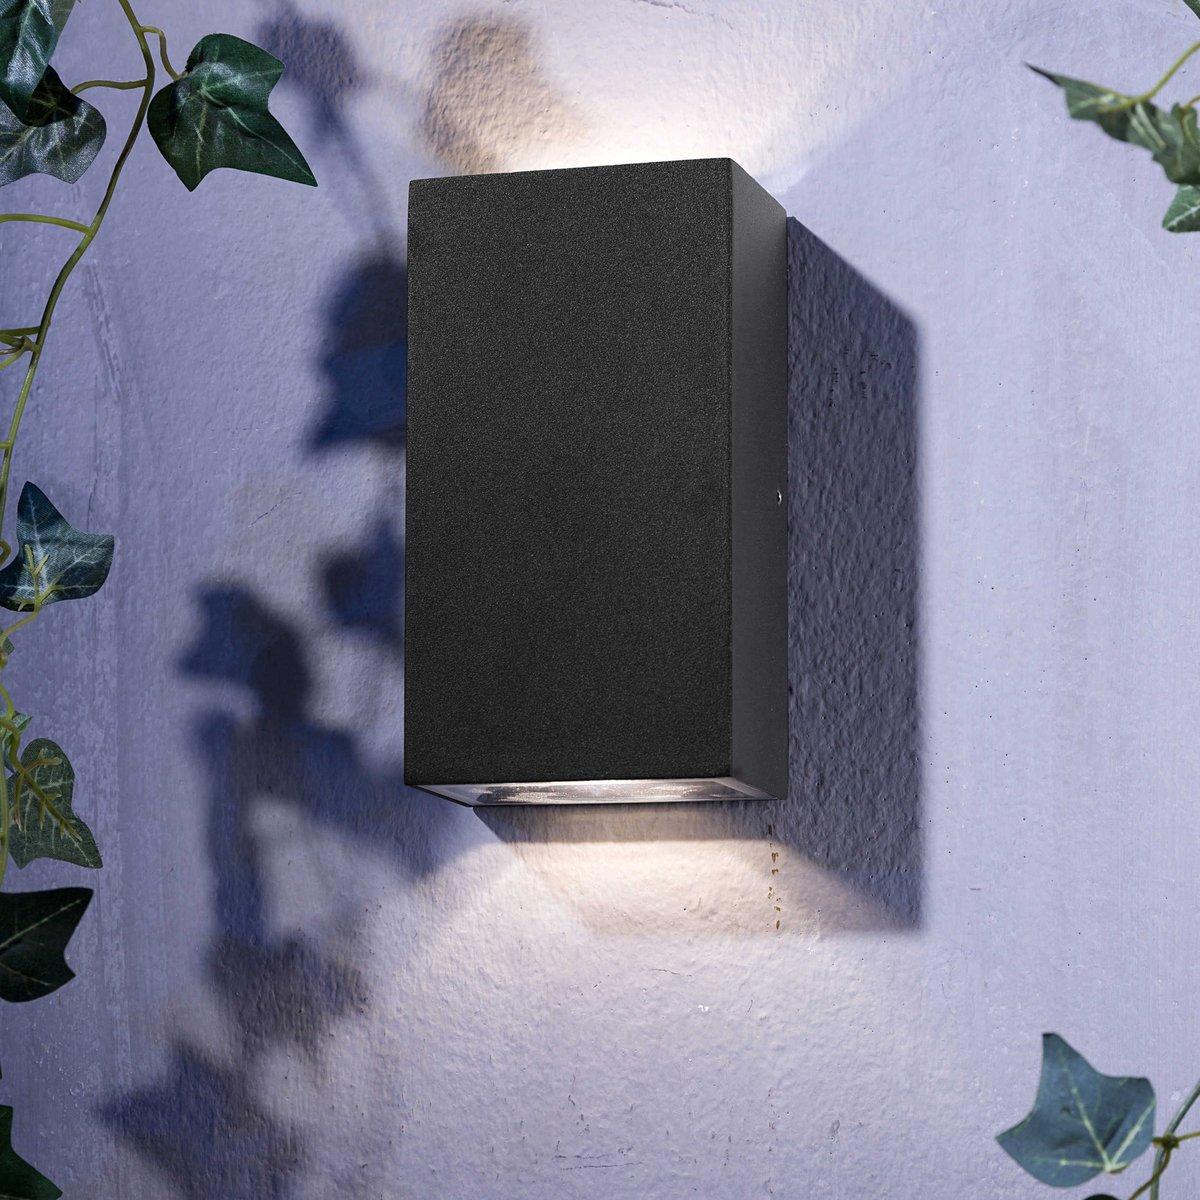 Bild 1 von Nordlux LED-Außenwandleuchte   Rold